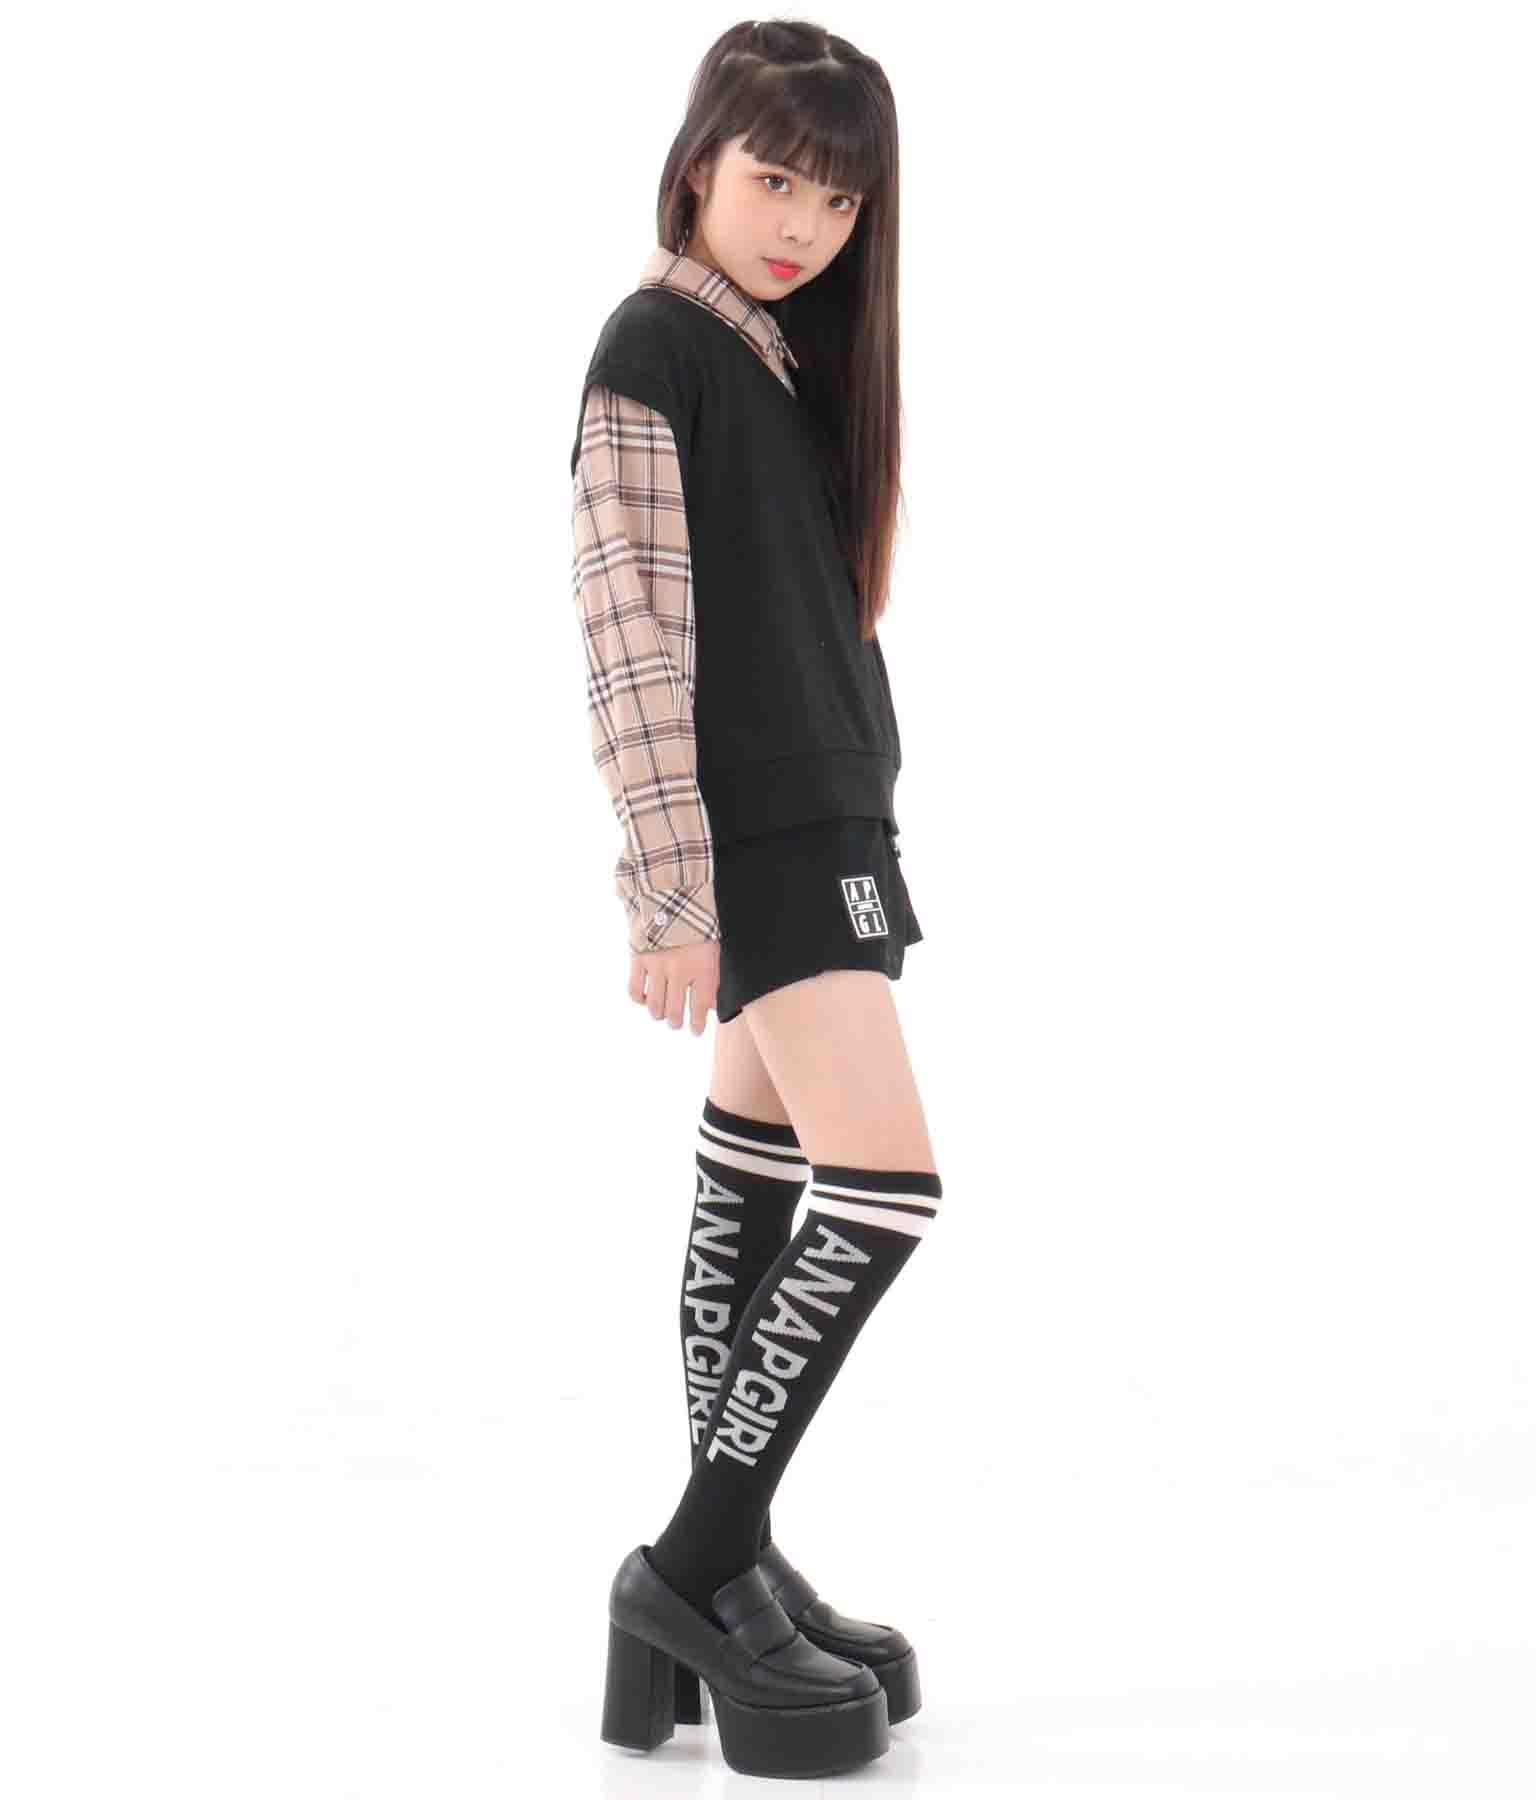 ライン入りハイソックス(ファッション雑貨/ソックス・靴下)   ANAP GiRL